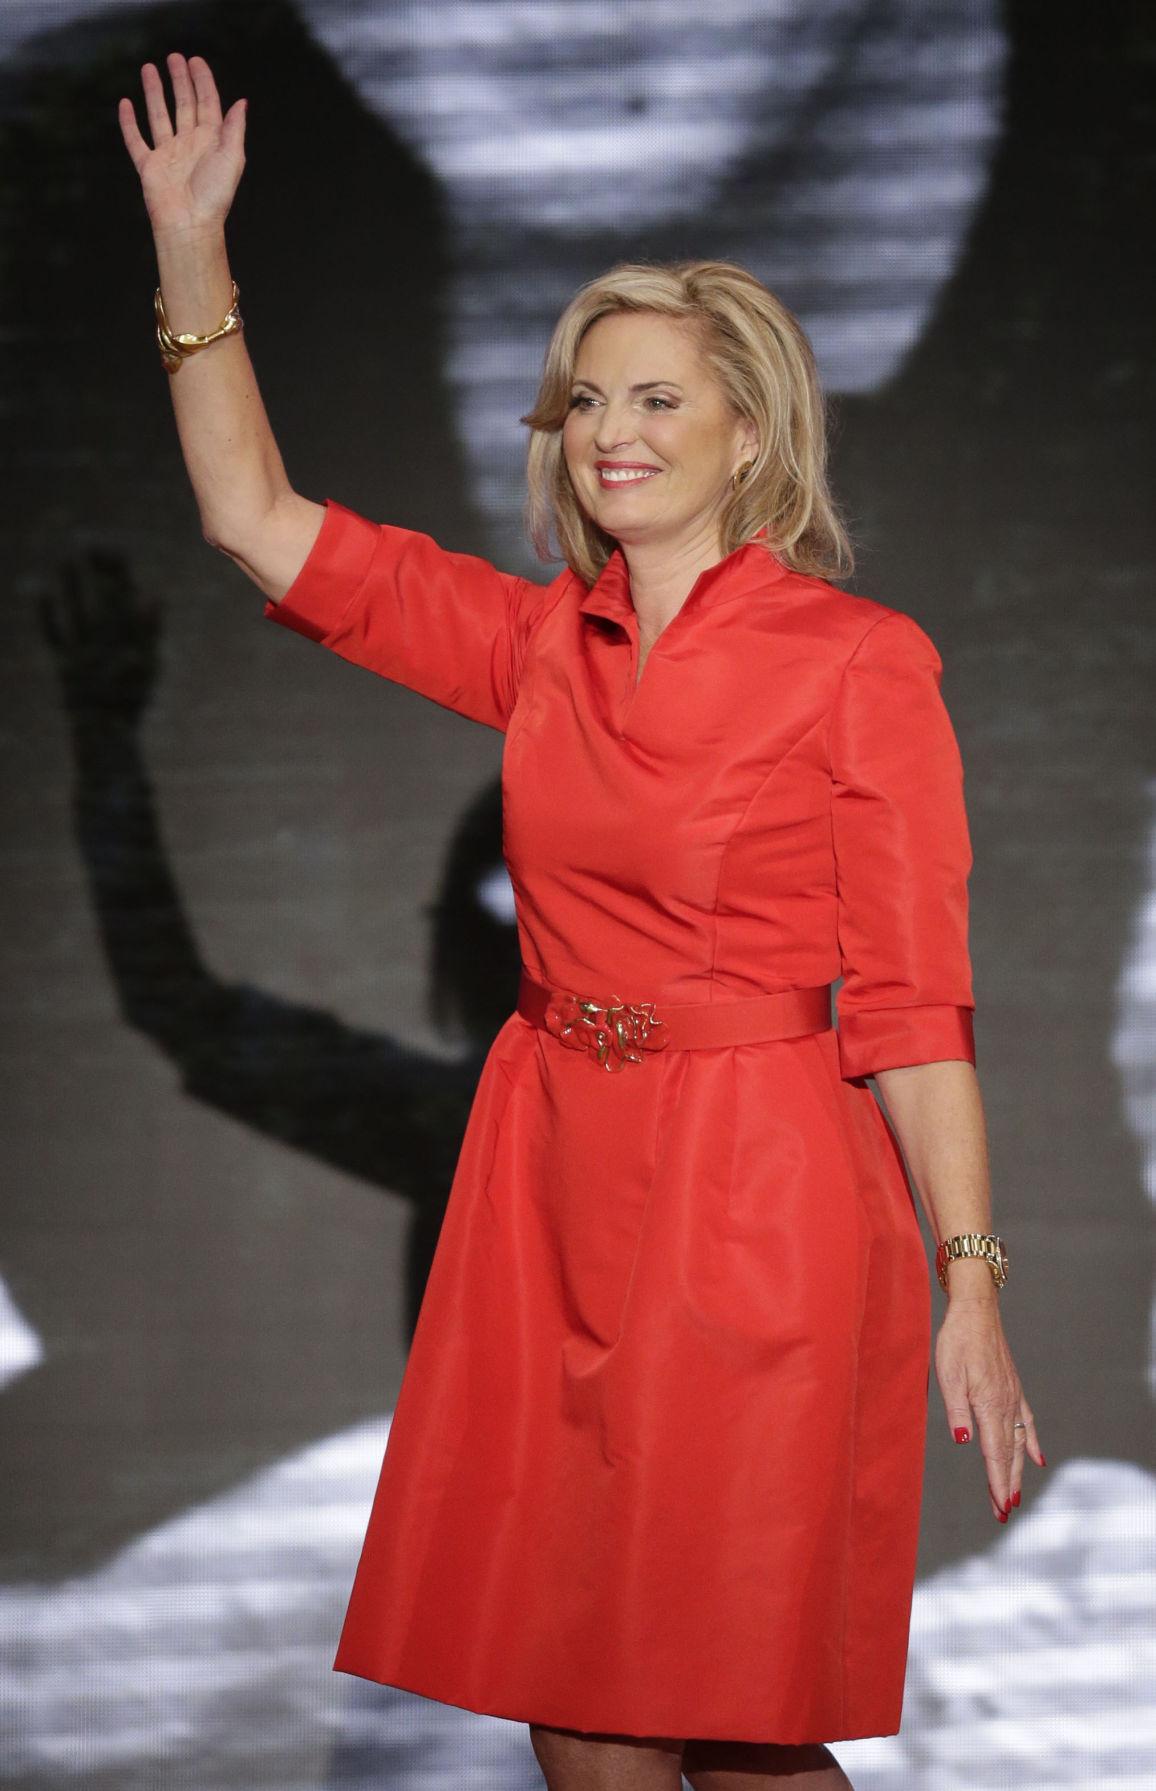 Top fashion designers dress political spouses